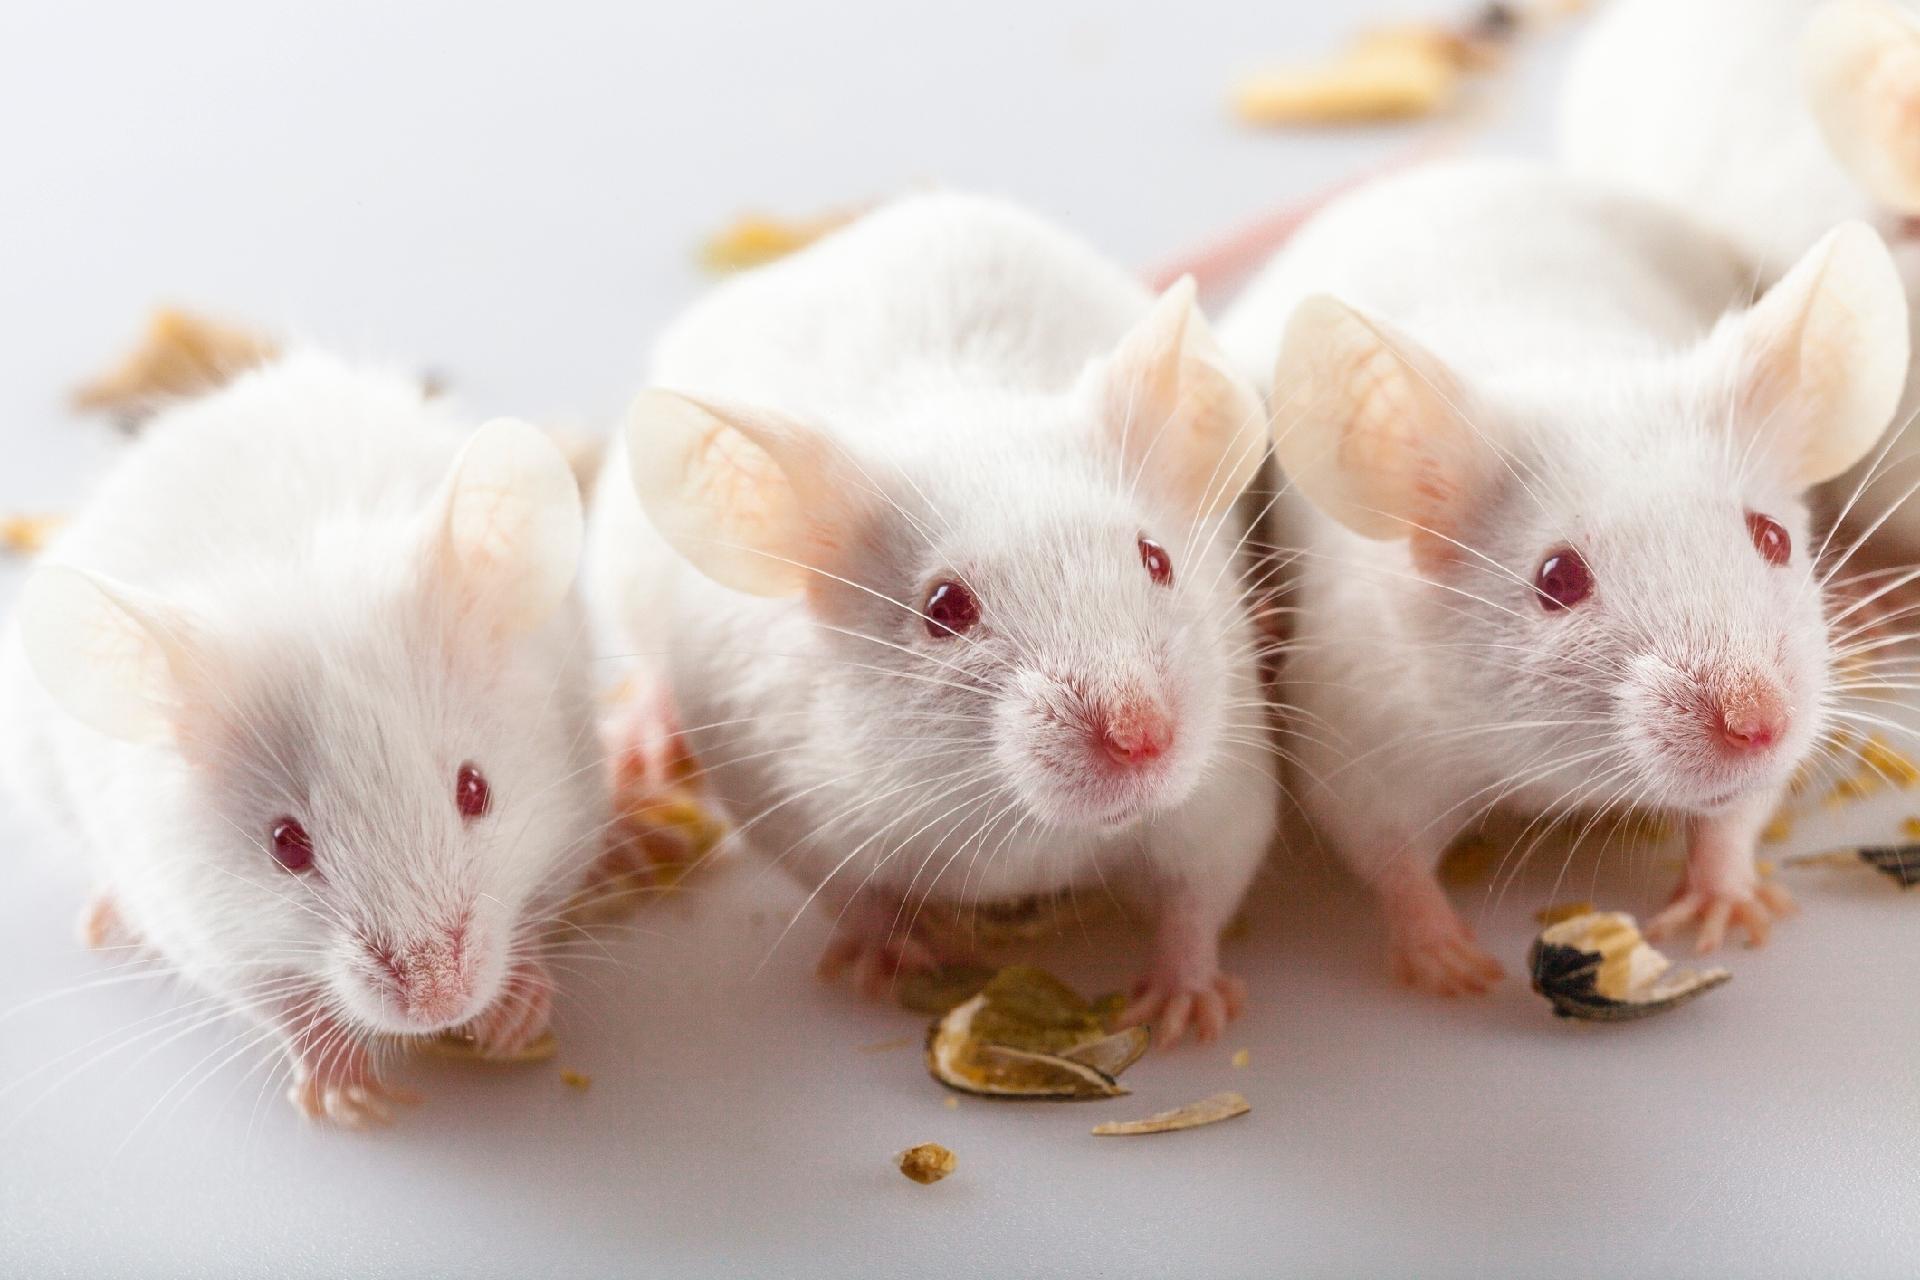 Experimento com ratos ajudará a entender melhor o Alzheimer - 01/08/2019 - UOL VivaBem